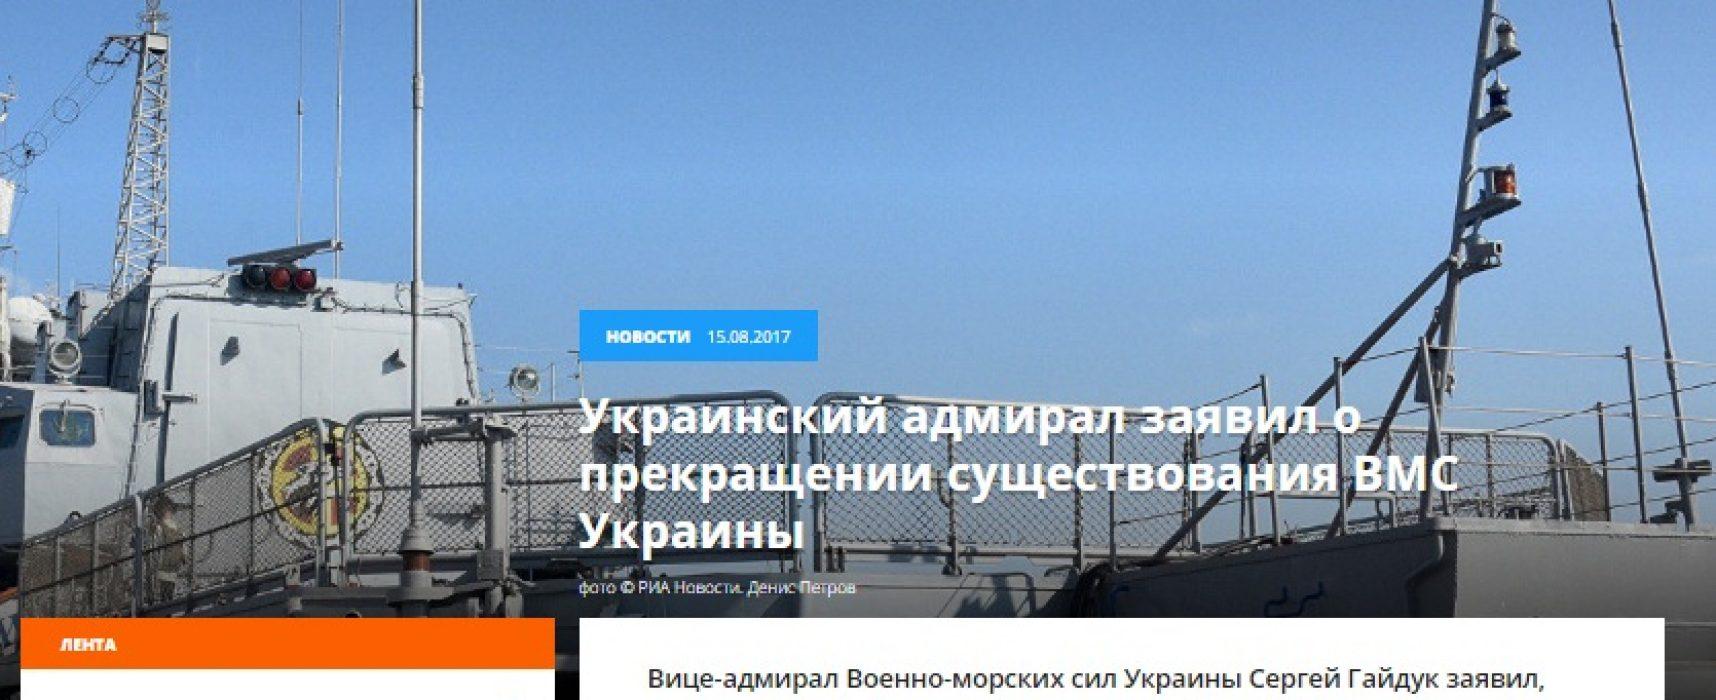 Fejk: Marynarka Wojenna Ukrainy przestała istnieć